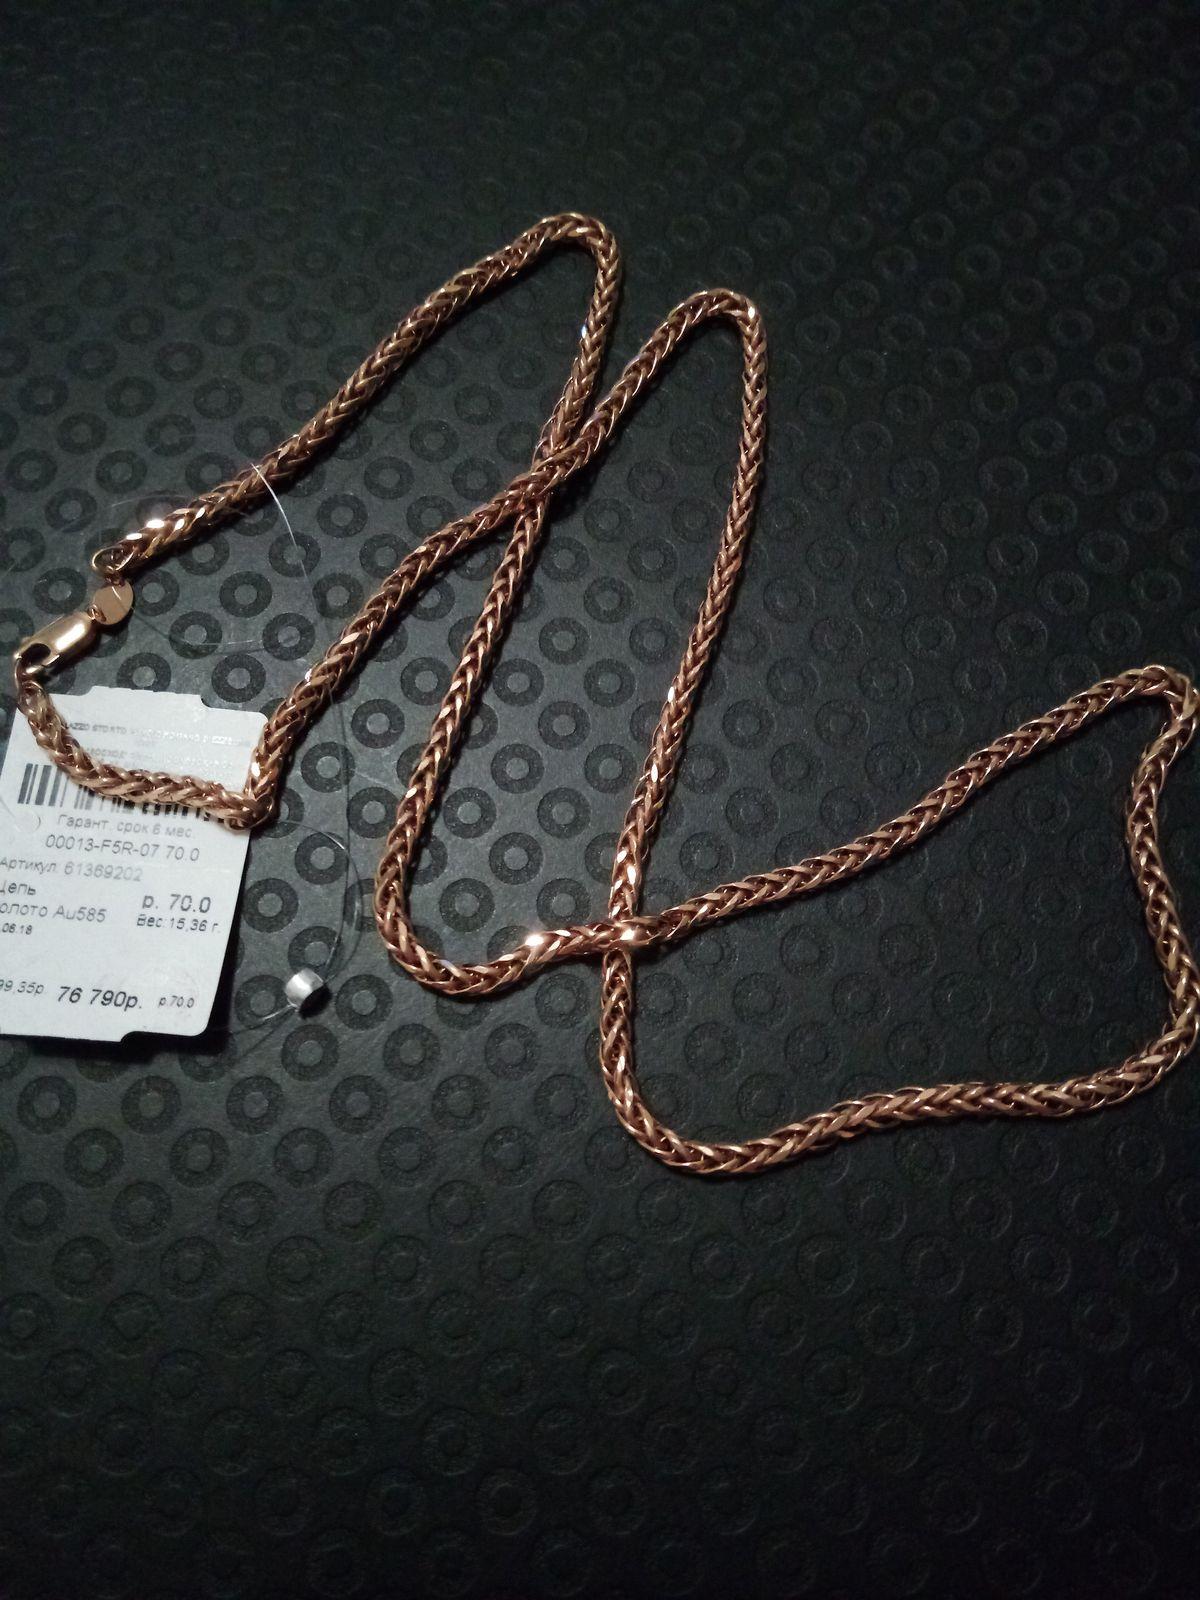 Оригинальная цепь, итальянское производство.